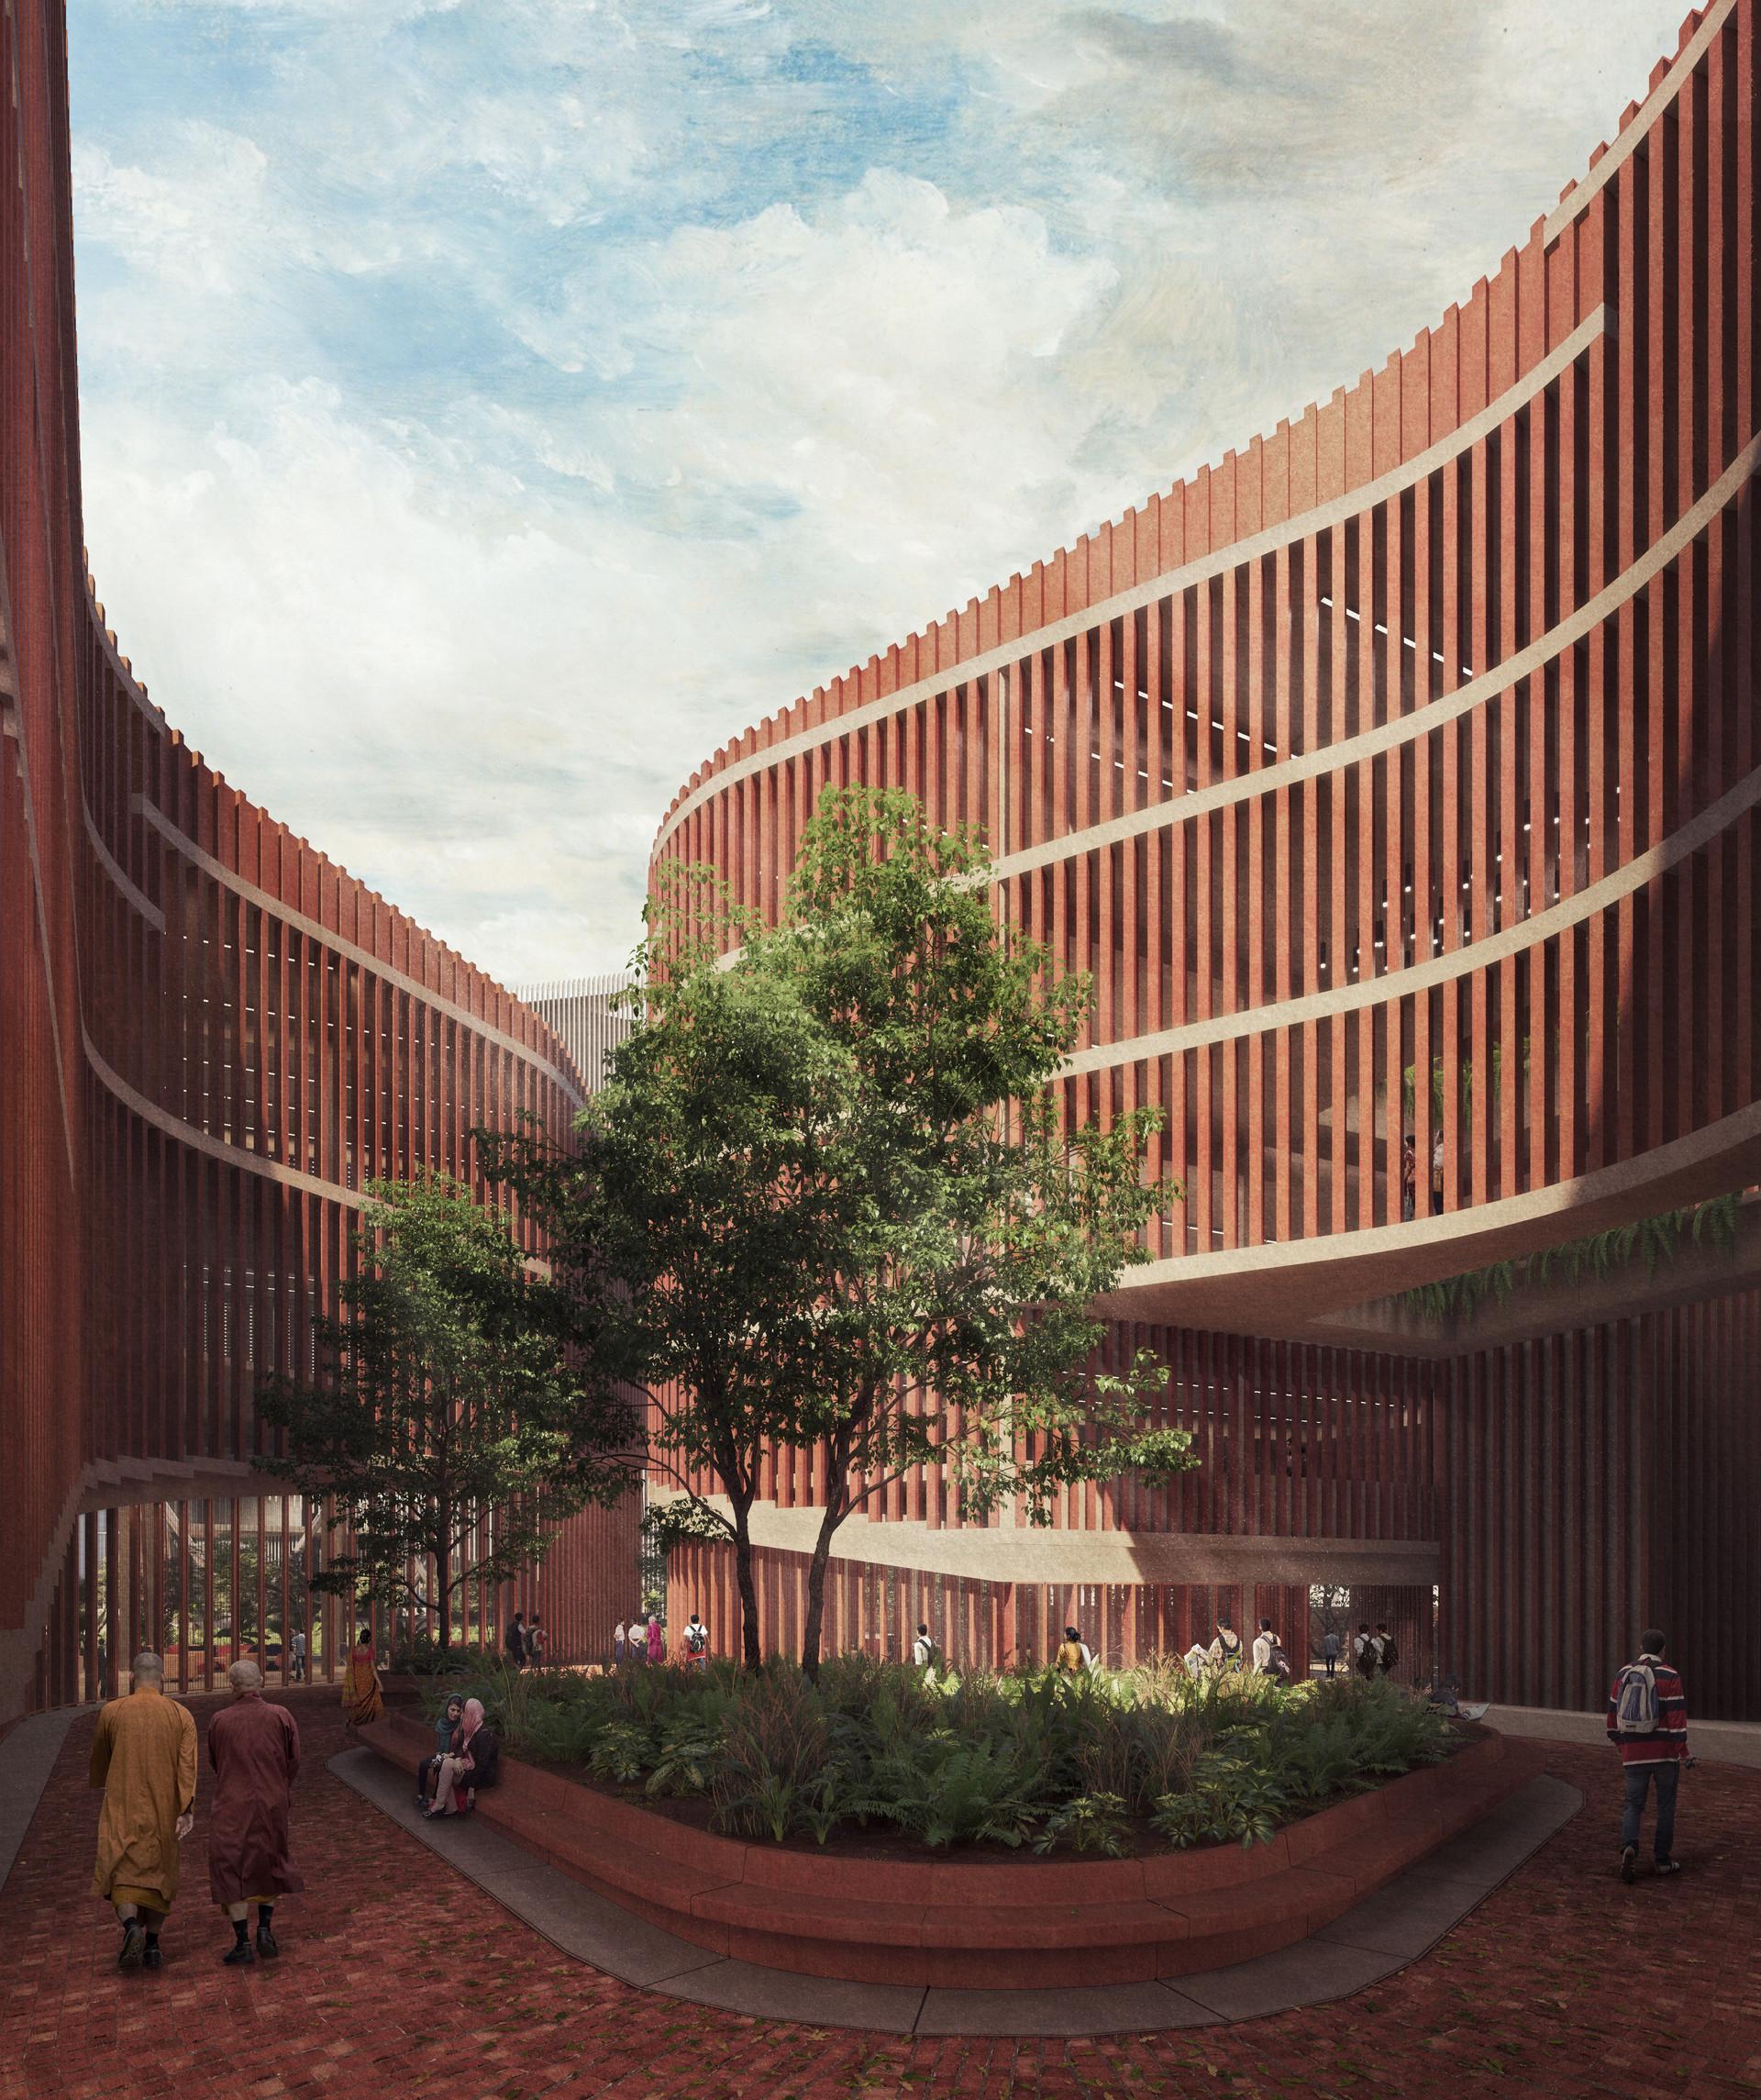 Bodicariya Technical CollegeKolkata View